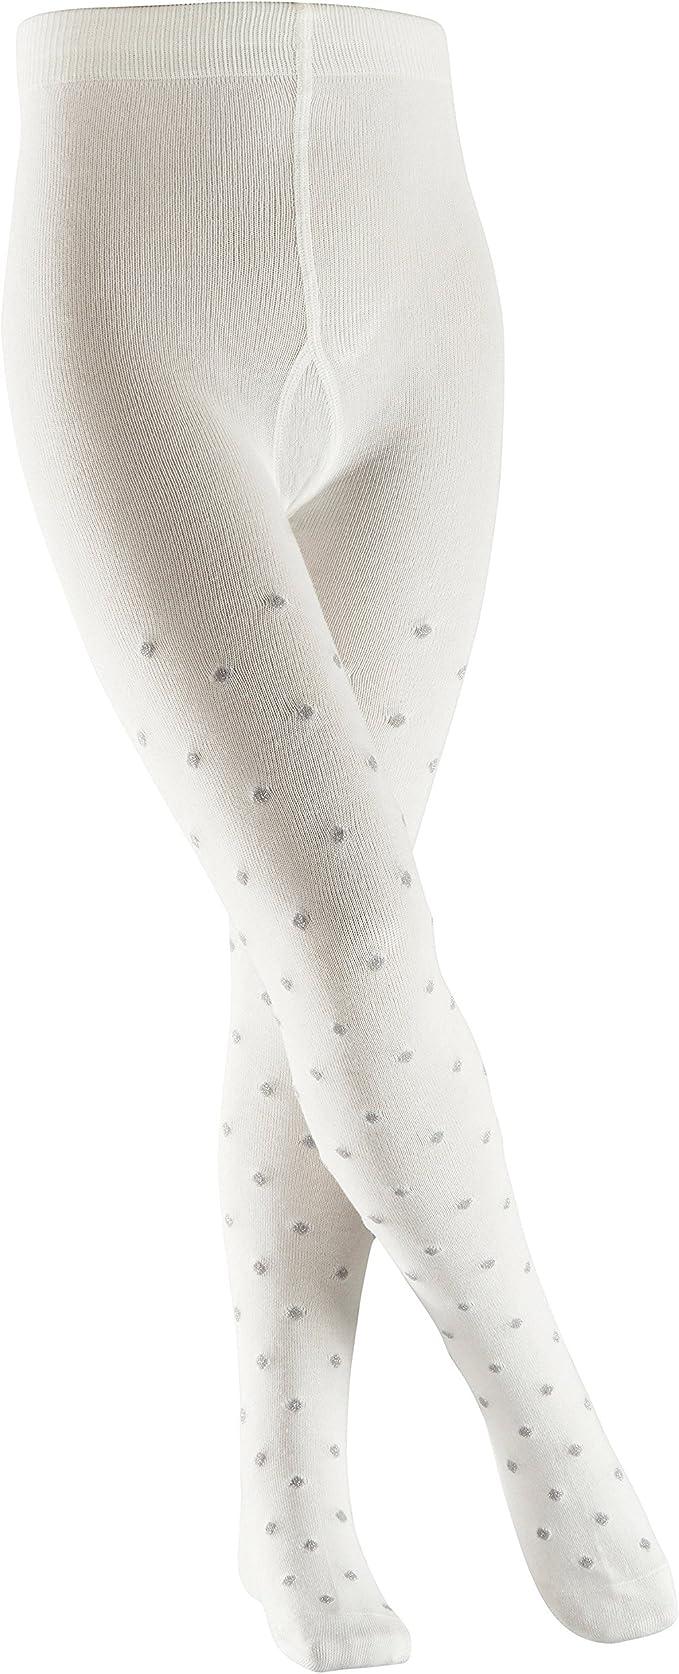 Farben pflegeleicht und hautfreundlich mit Glitzer und Punkten f/ür Kinder 81/% Baumwolle 1 St/ück Gr/ö/ße 80-164 Versch FALKE Kinder Strumpfhosen Glitter Dot